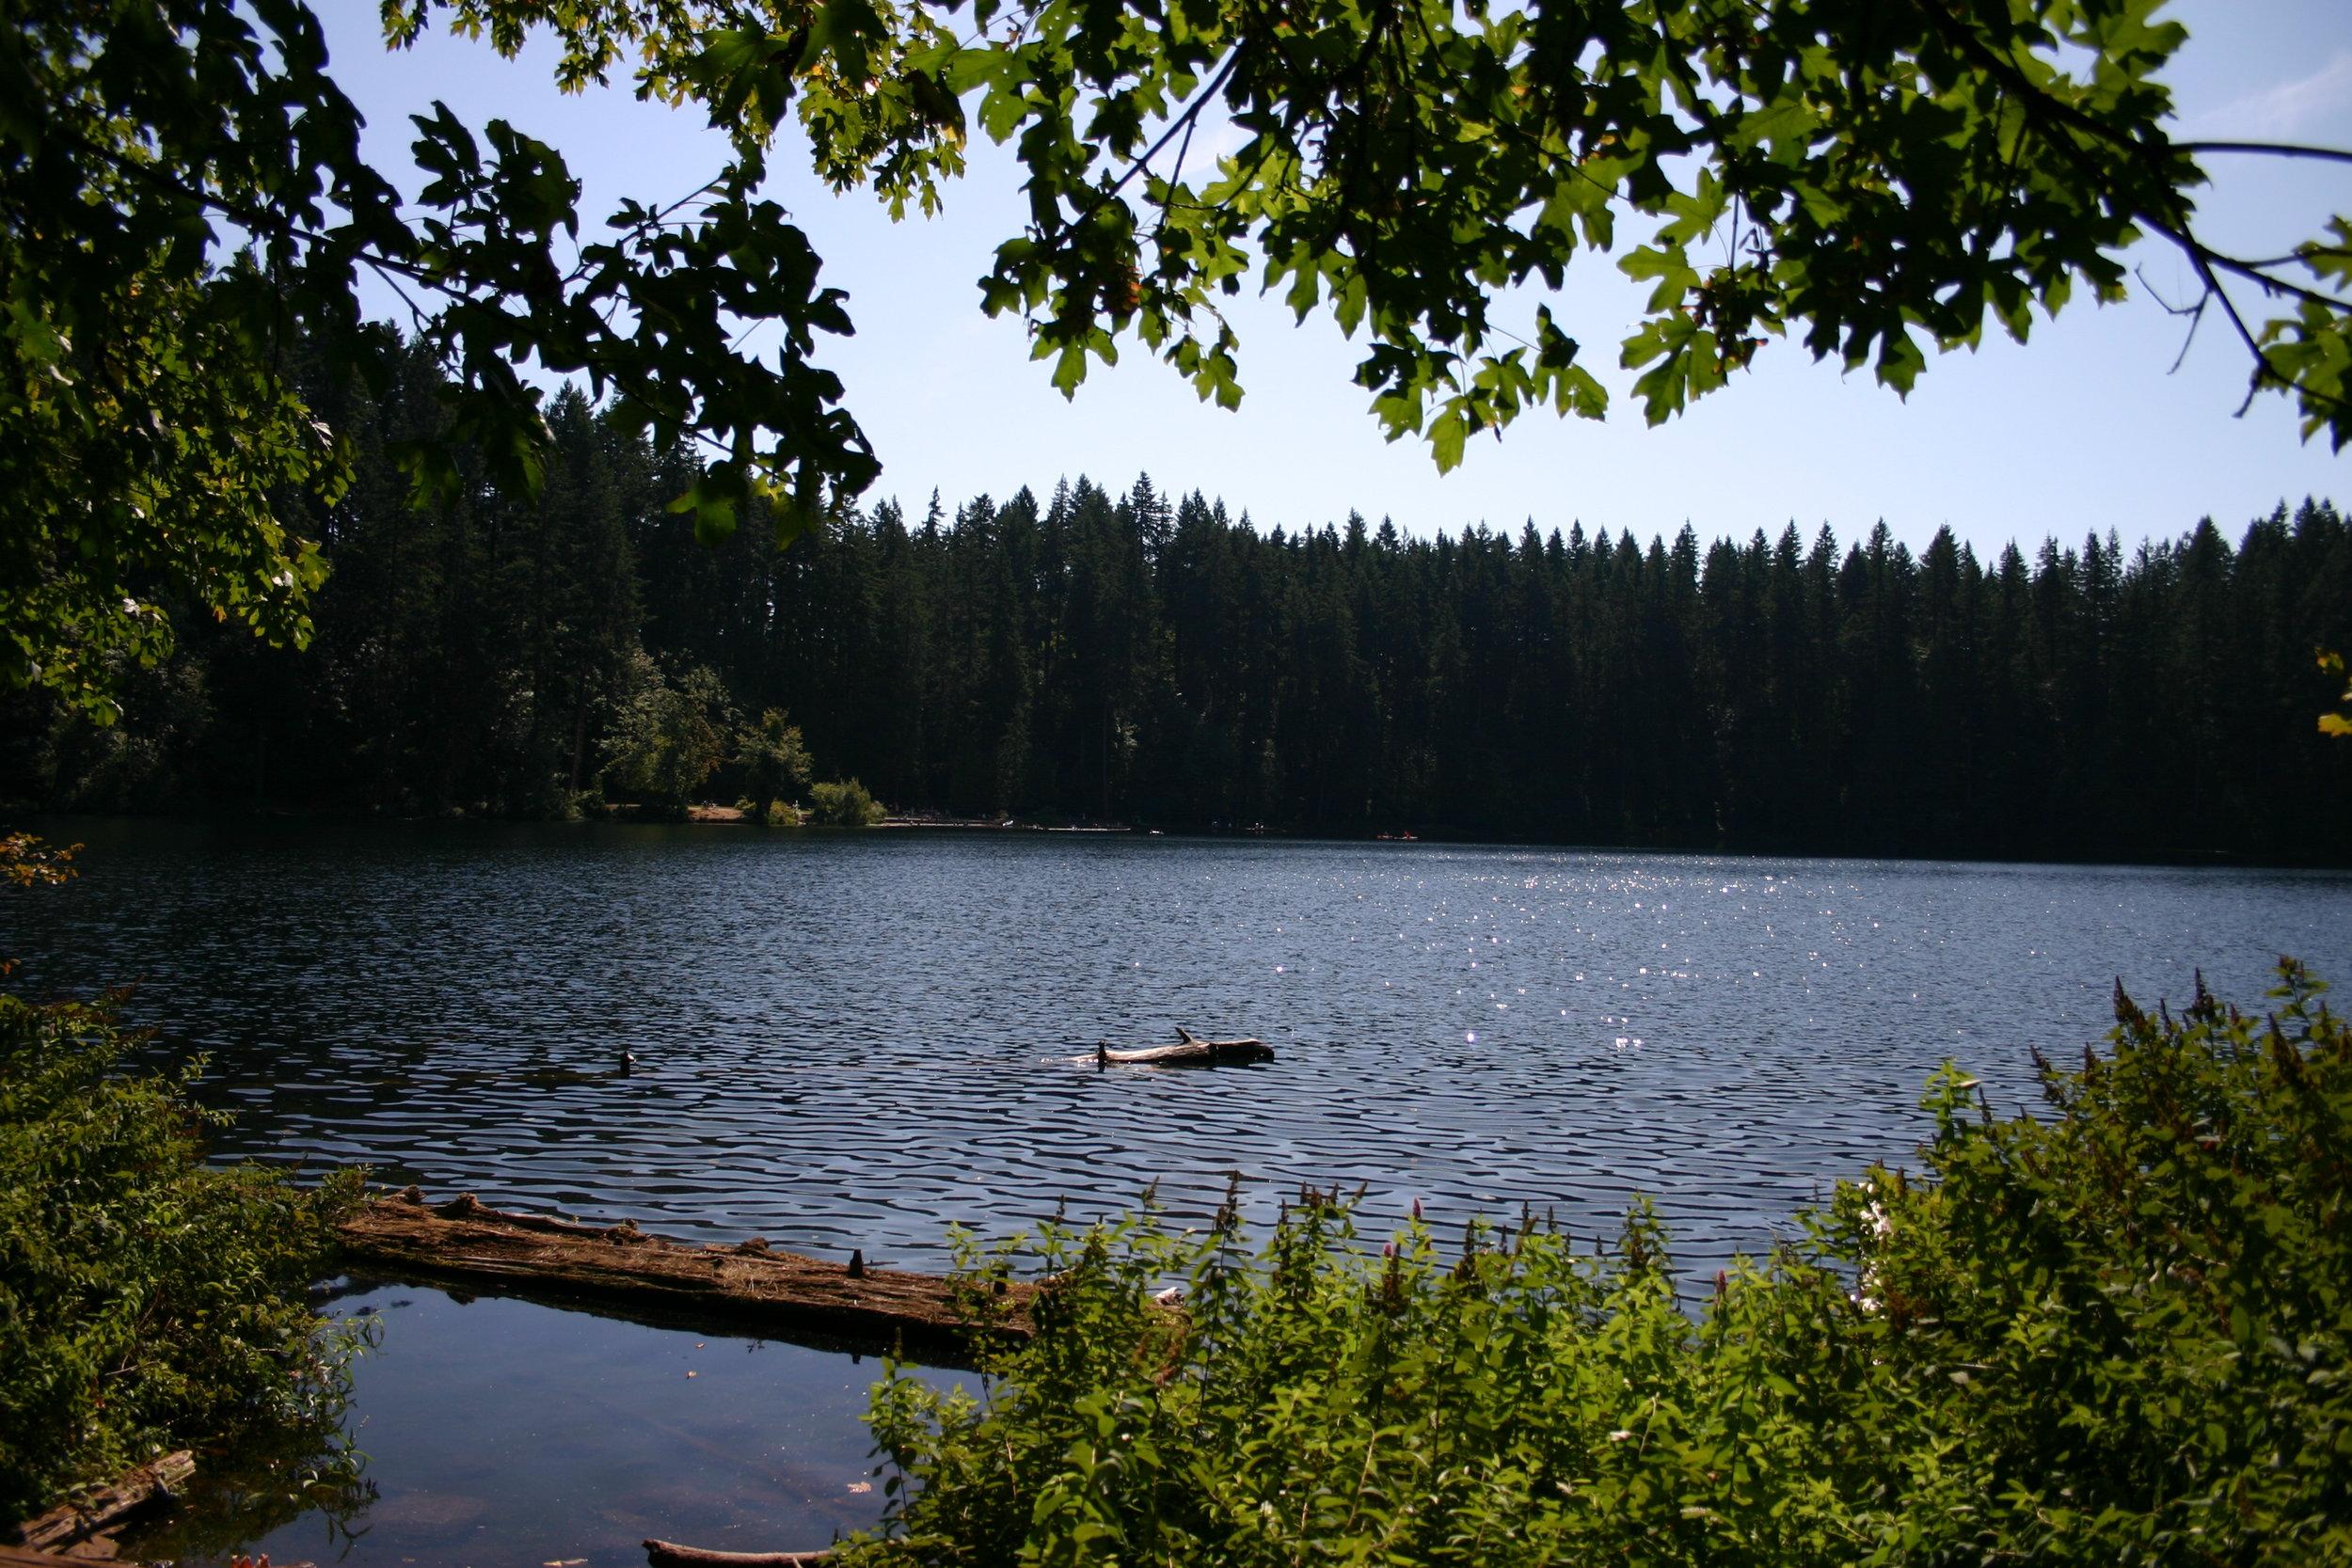 Battle_Ground_Lake_State_Park_(September,_2009).jpg